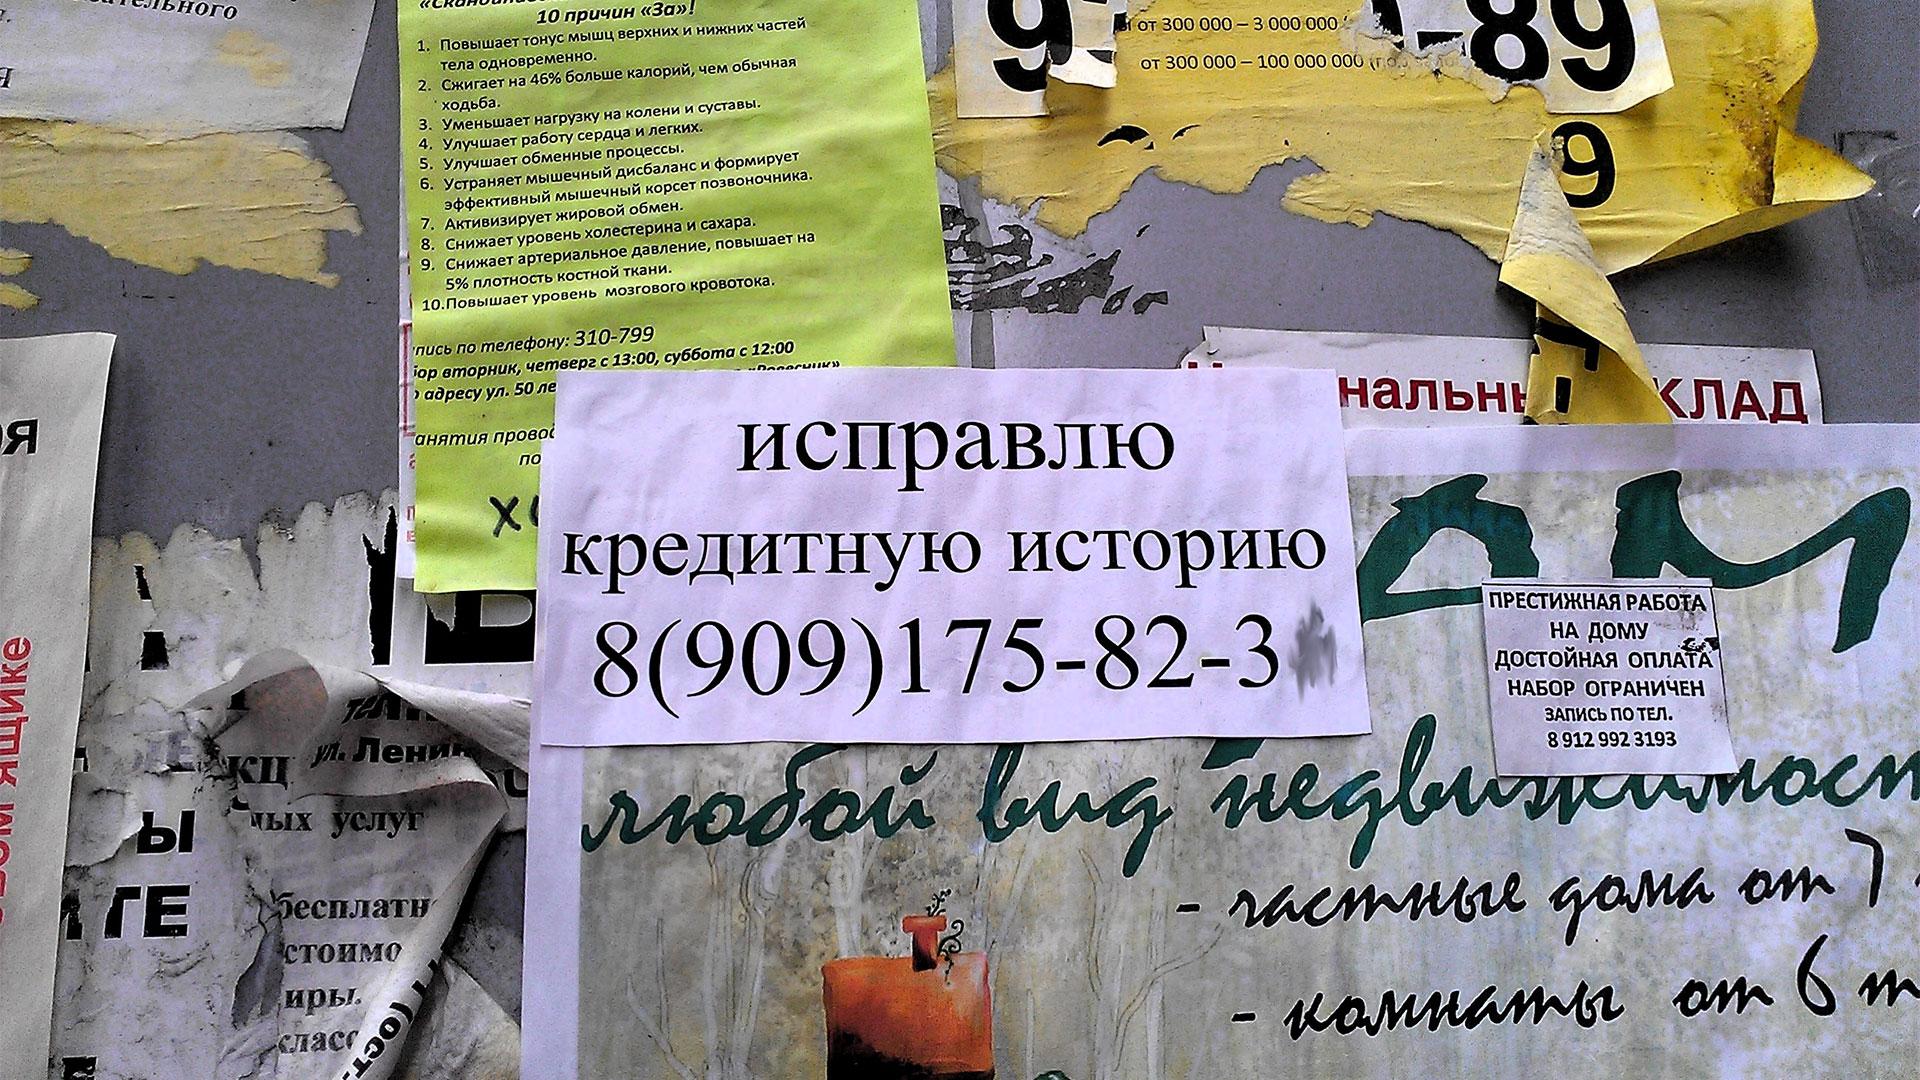 Изображение - Где можно узнать свою кредитную историю kak-uznat-svoyu-kreditnuyu-istoriyu-besplatno-5